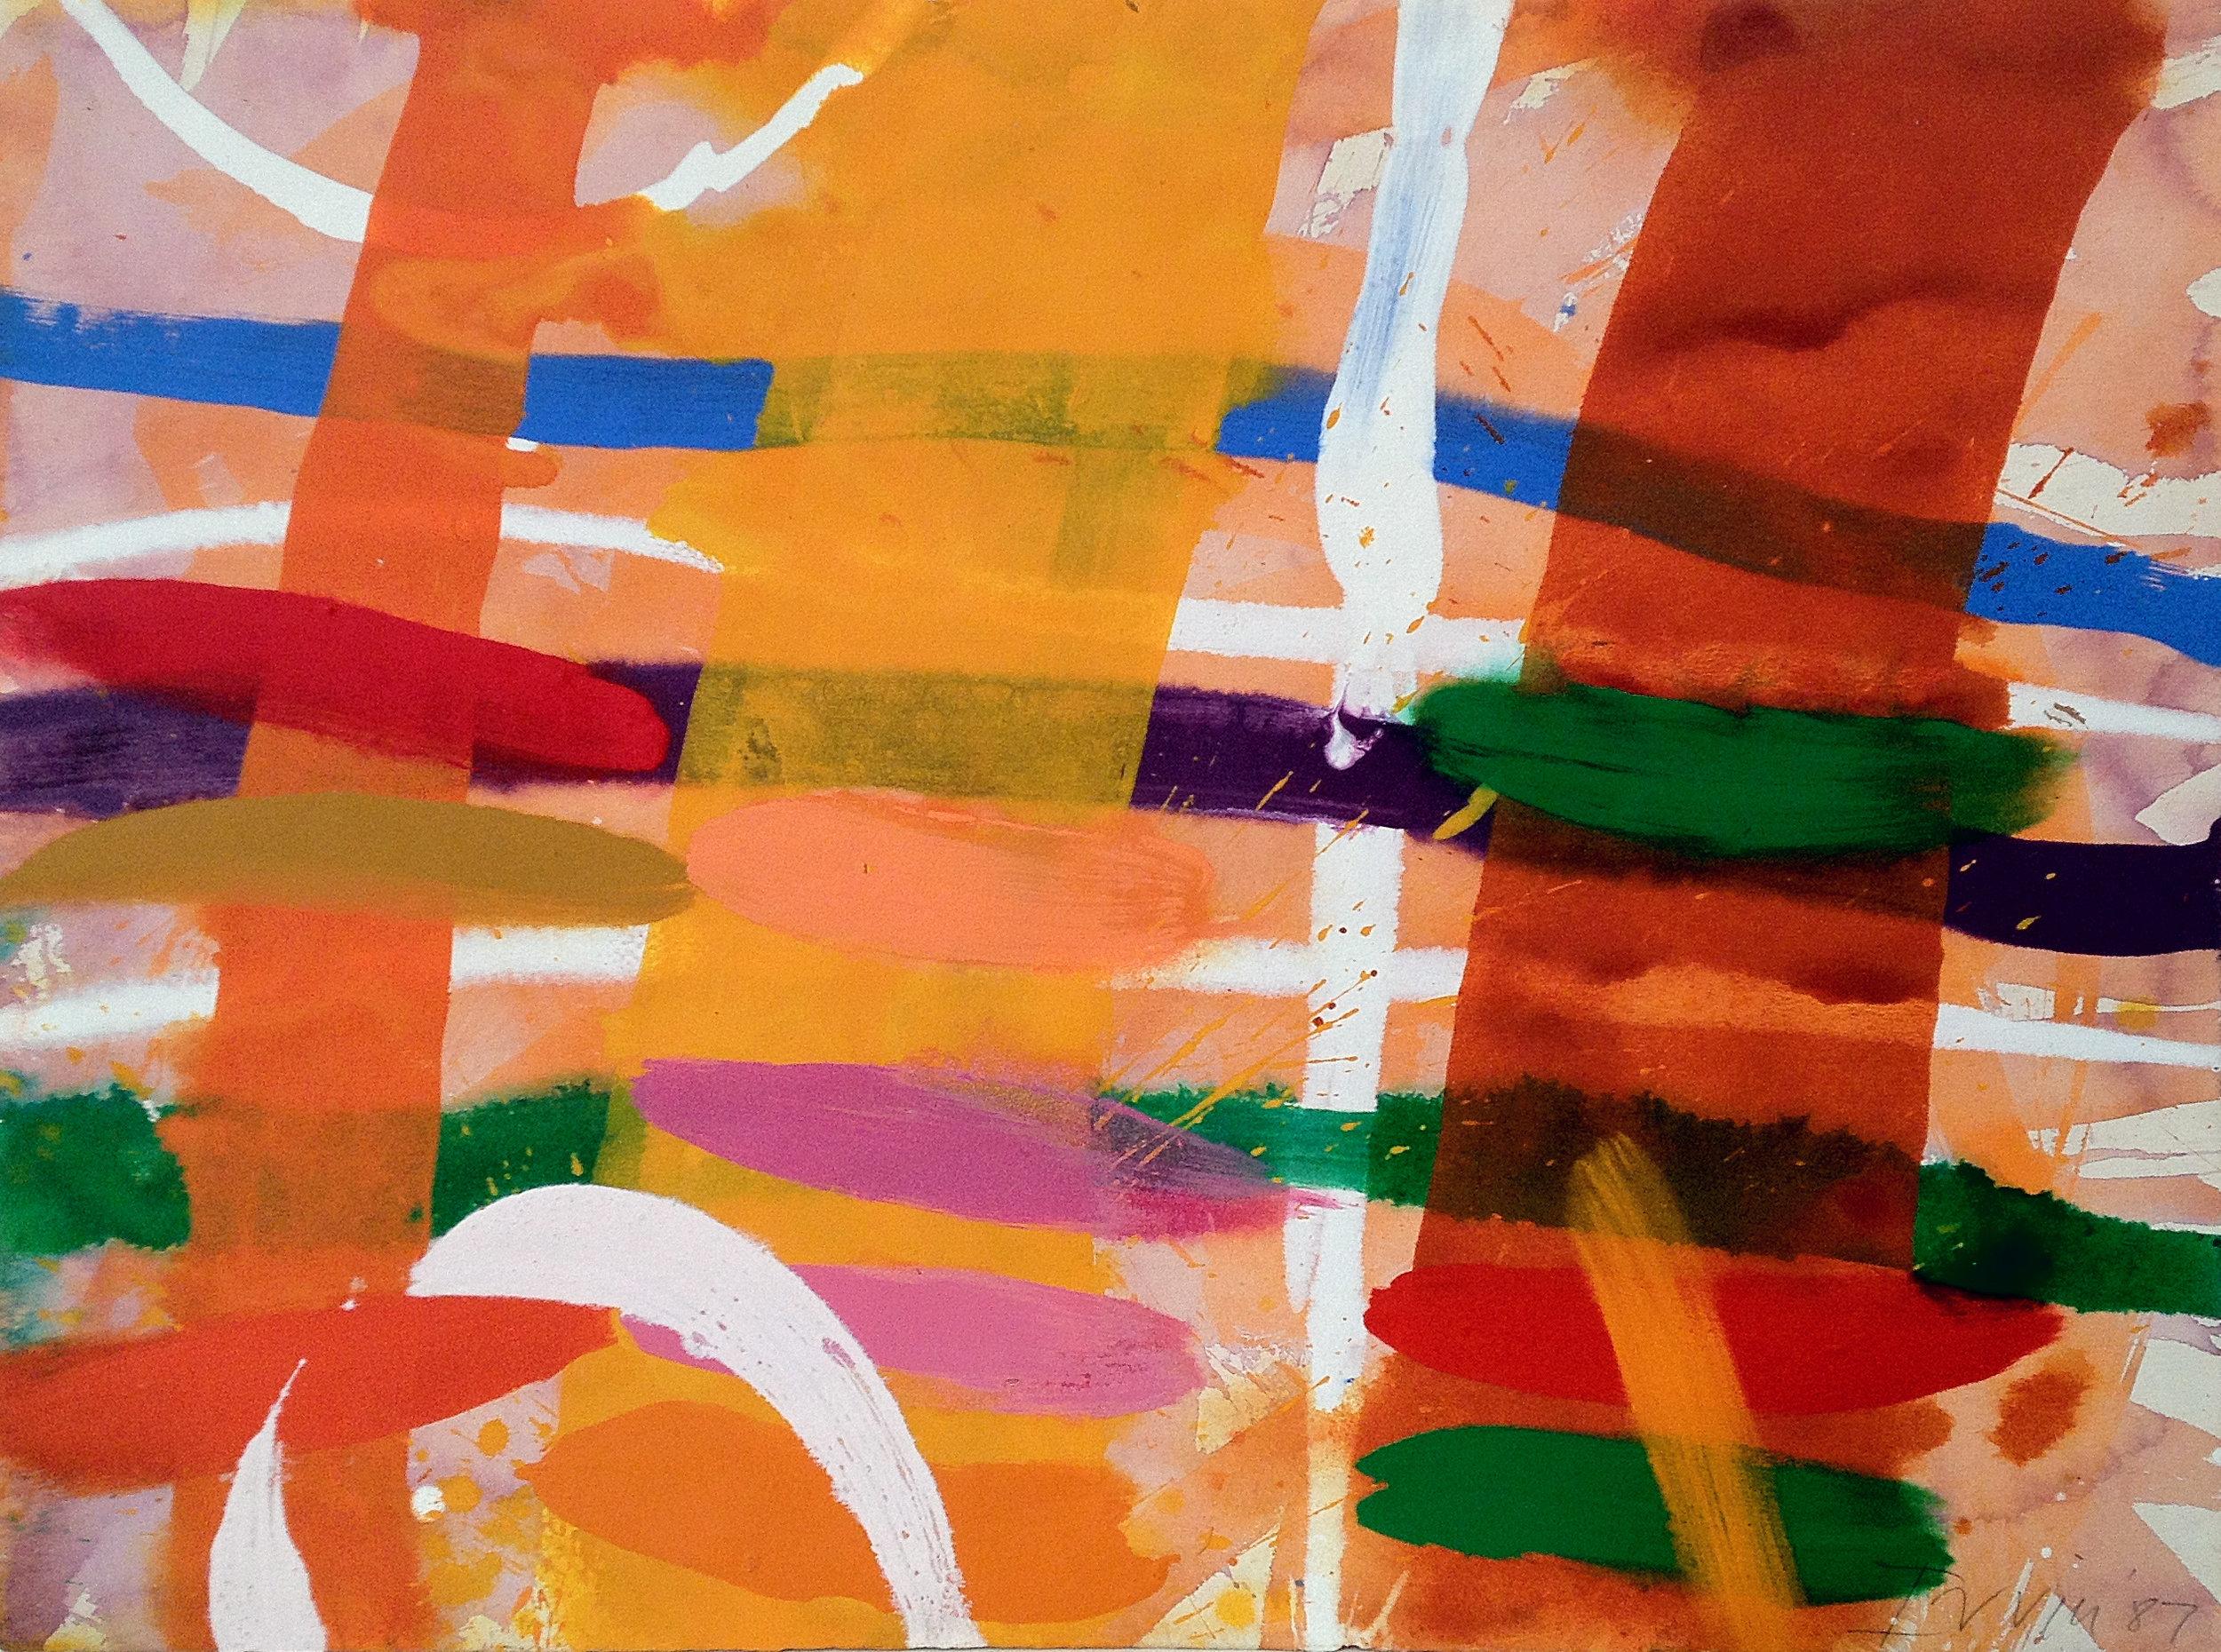 Albert Irvin, Avenue, 1987, Gouache on paper, 55.9 x 76.2cm.JPG